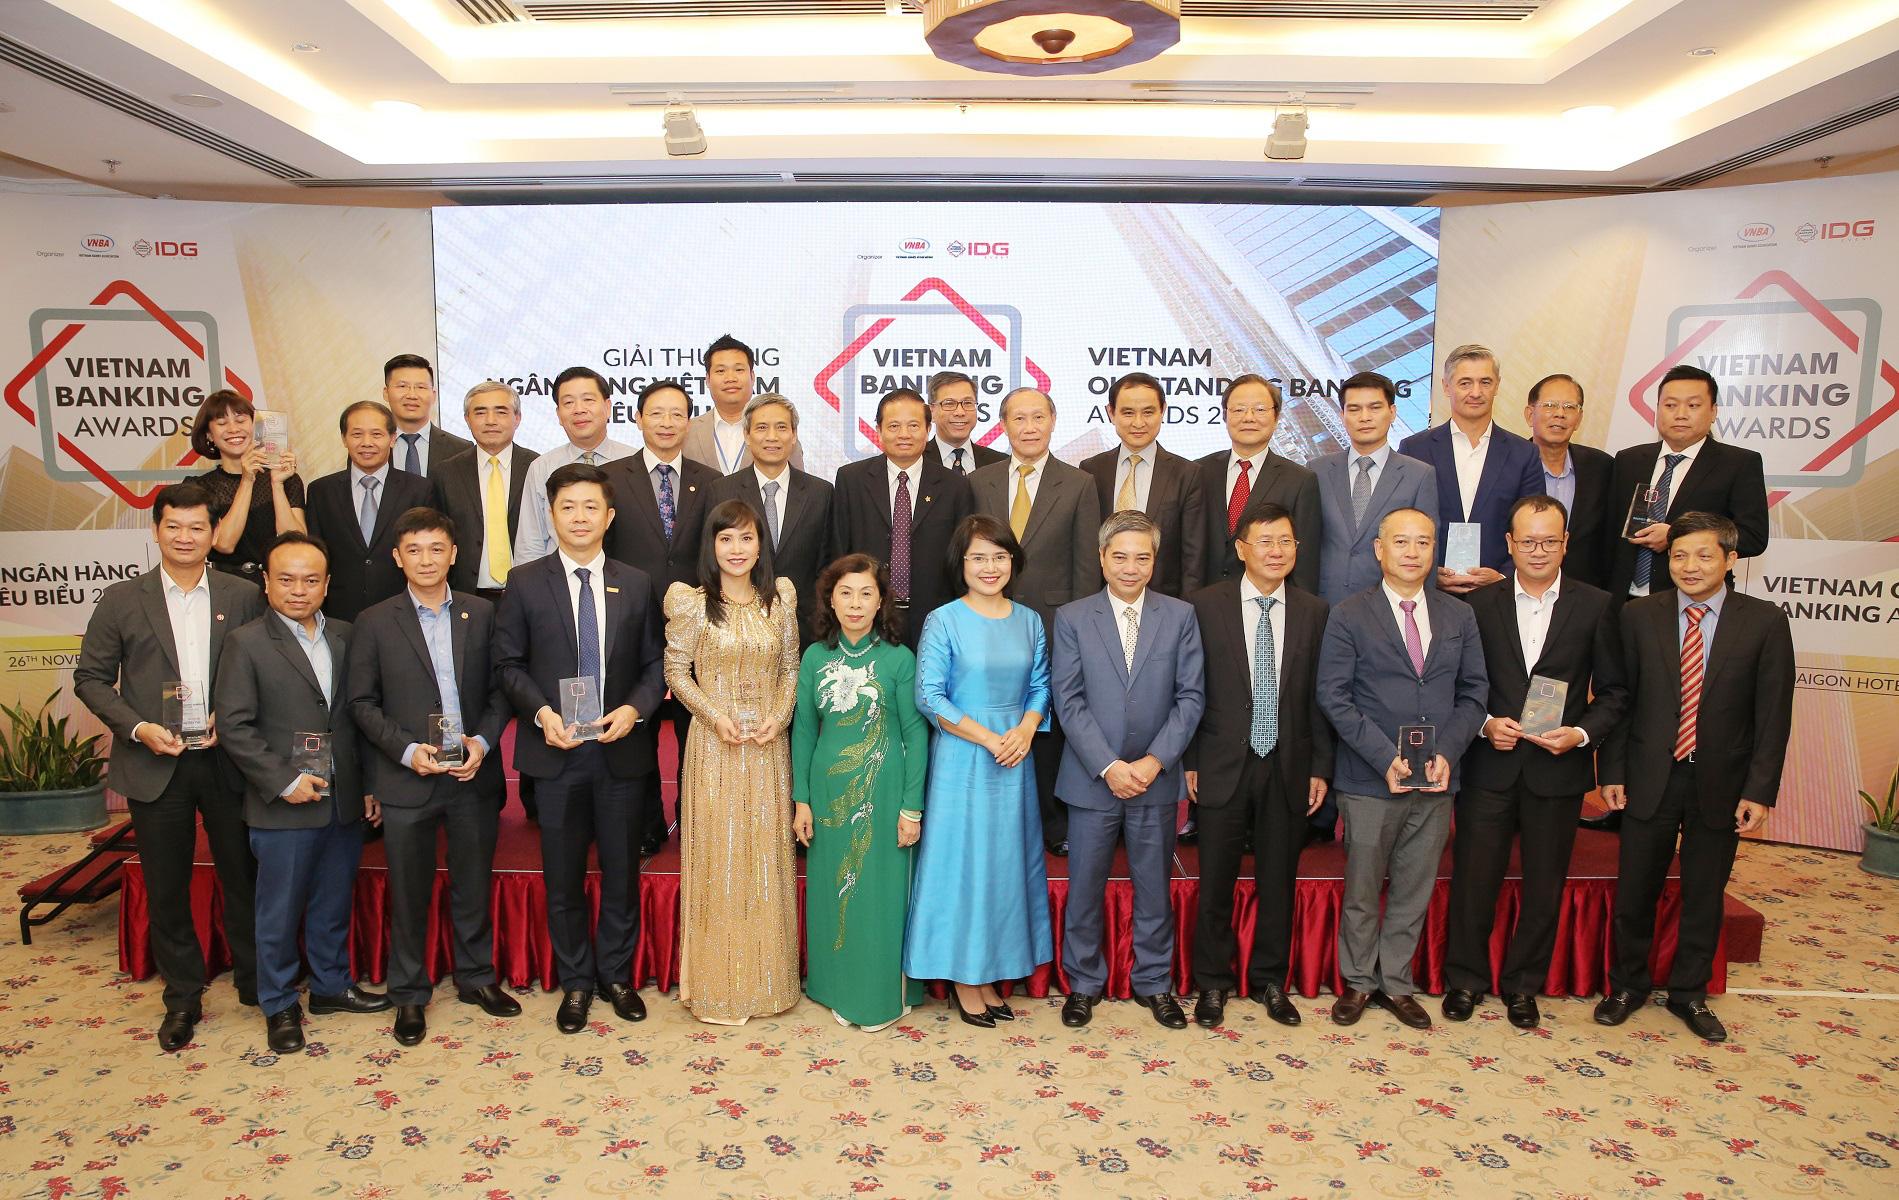 """Kienlongbank lần đầu tiên được vinh danh """"Ngân hàng tiêu biểu vì cộng đồng"""" - Ảnh 5."""